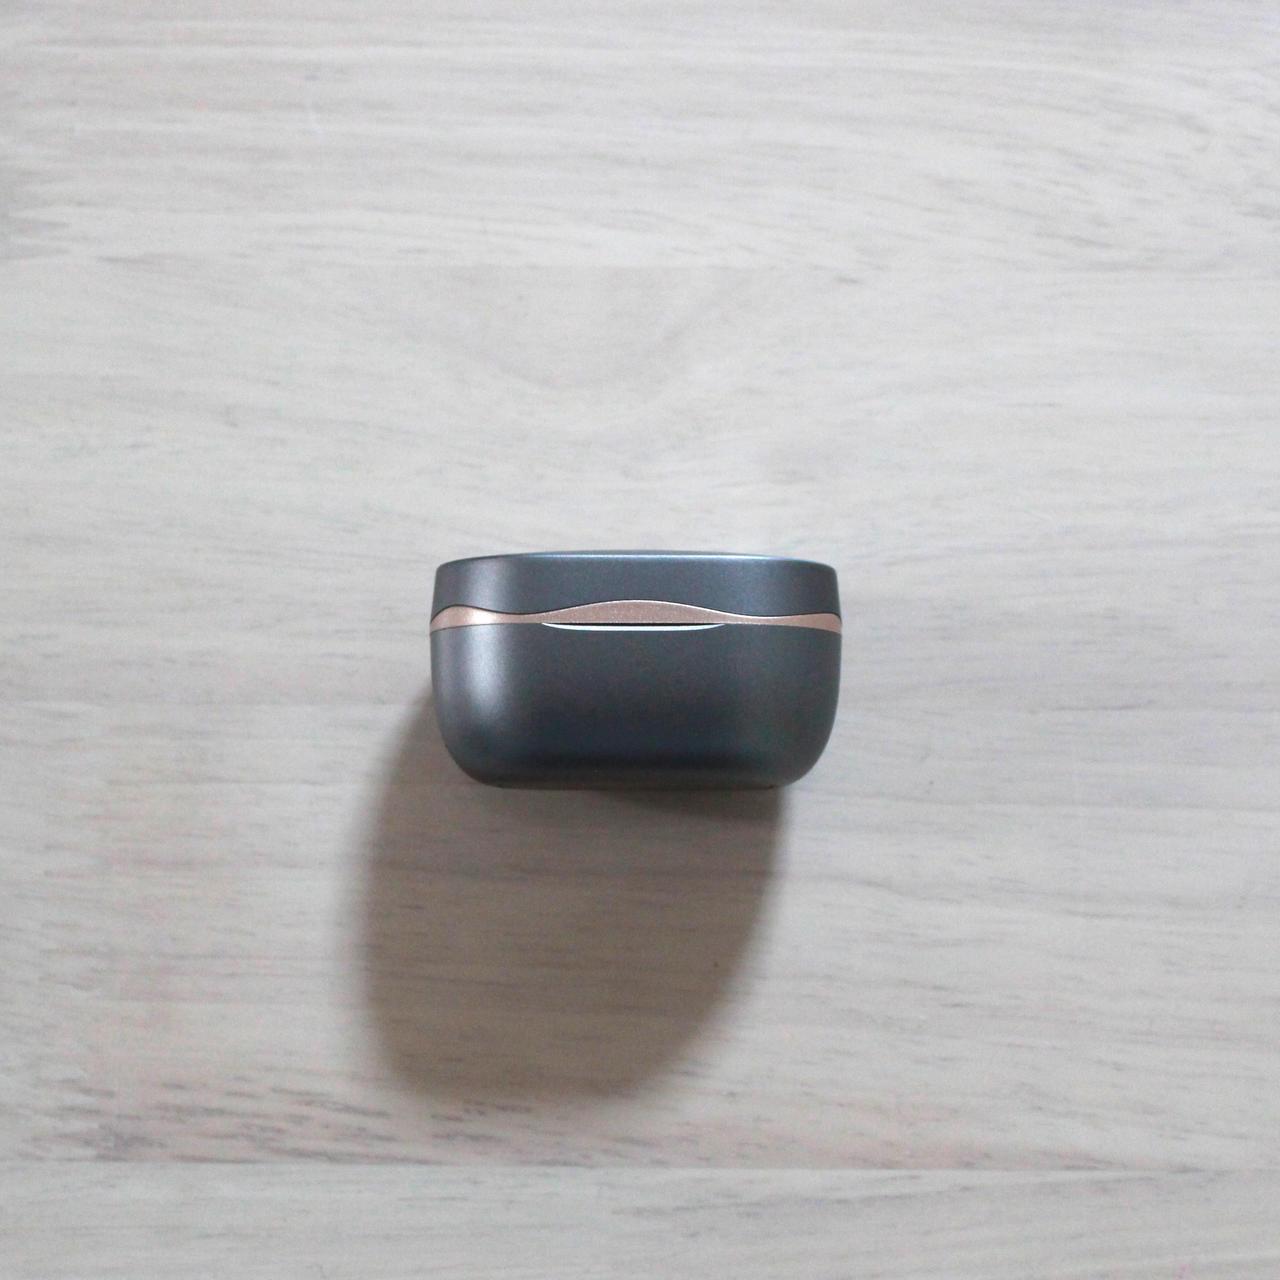 SOUNDPEATS Sonicのケースの高さは34.7mm